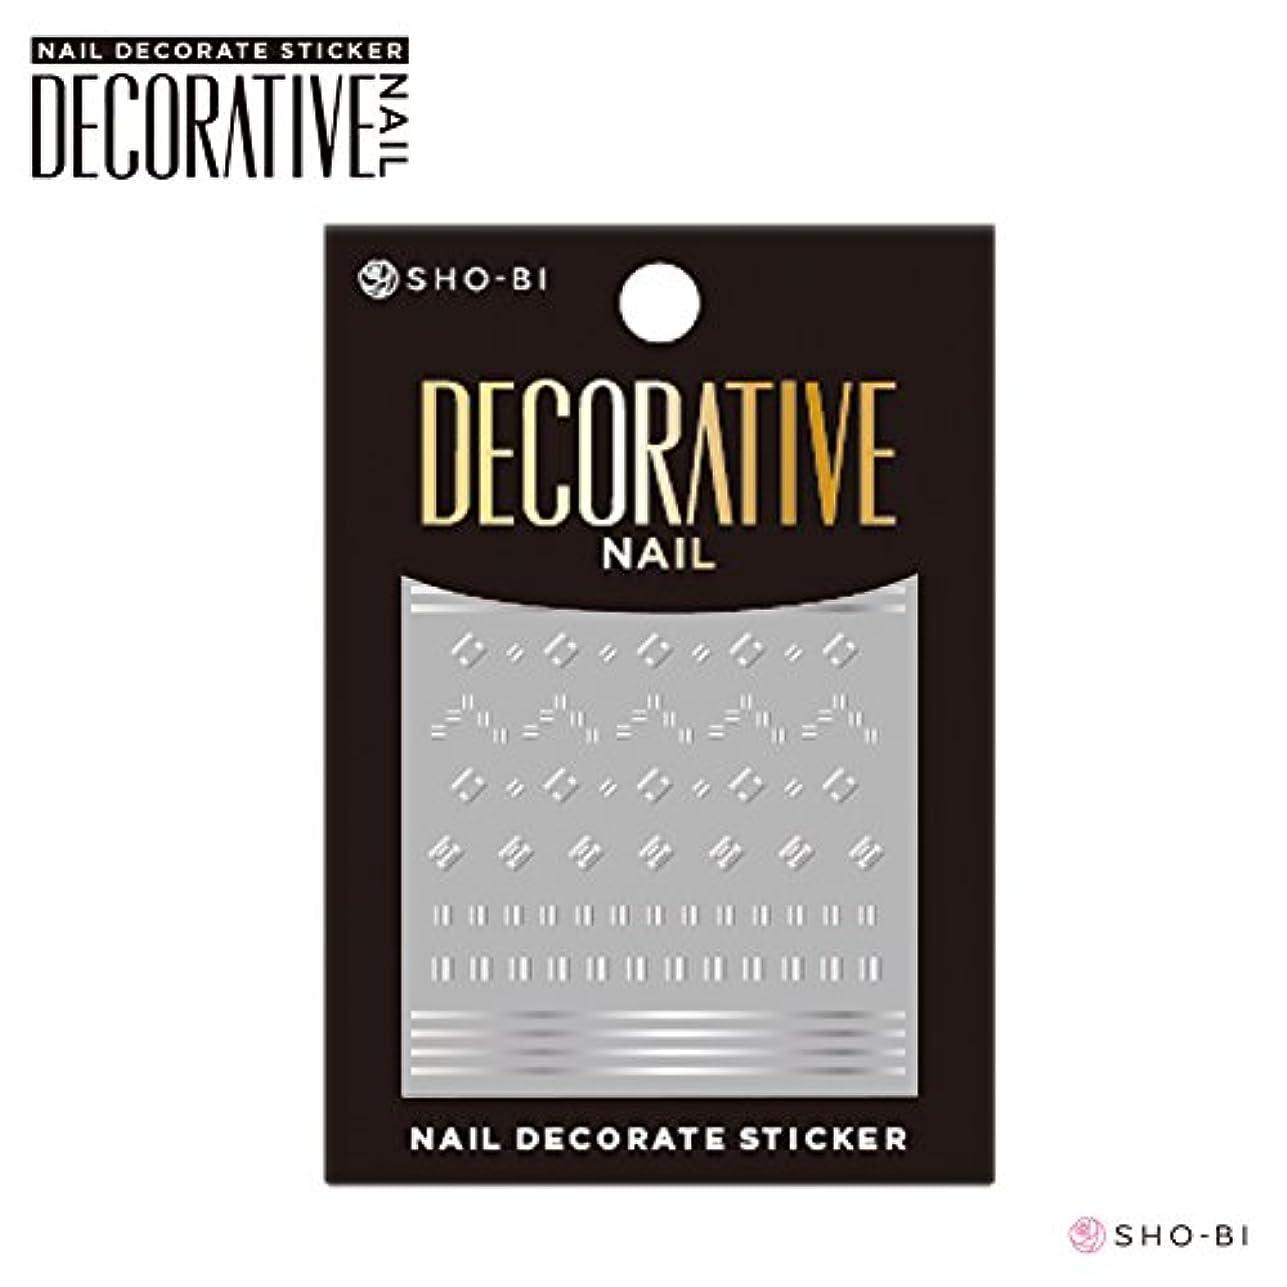 抑制するリクルート用語集Decorative Nail カラーオーバルチップ4 ディープレッド